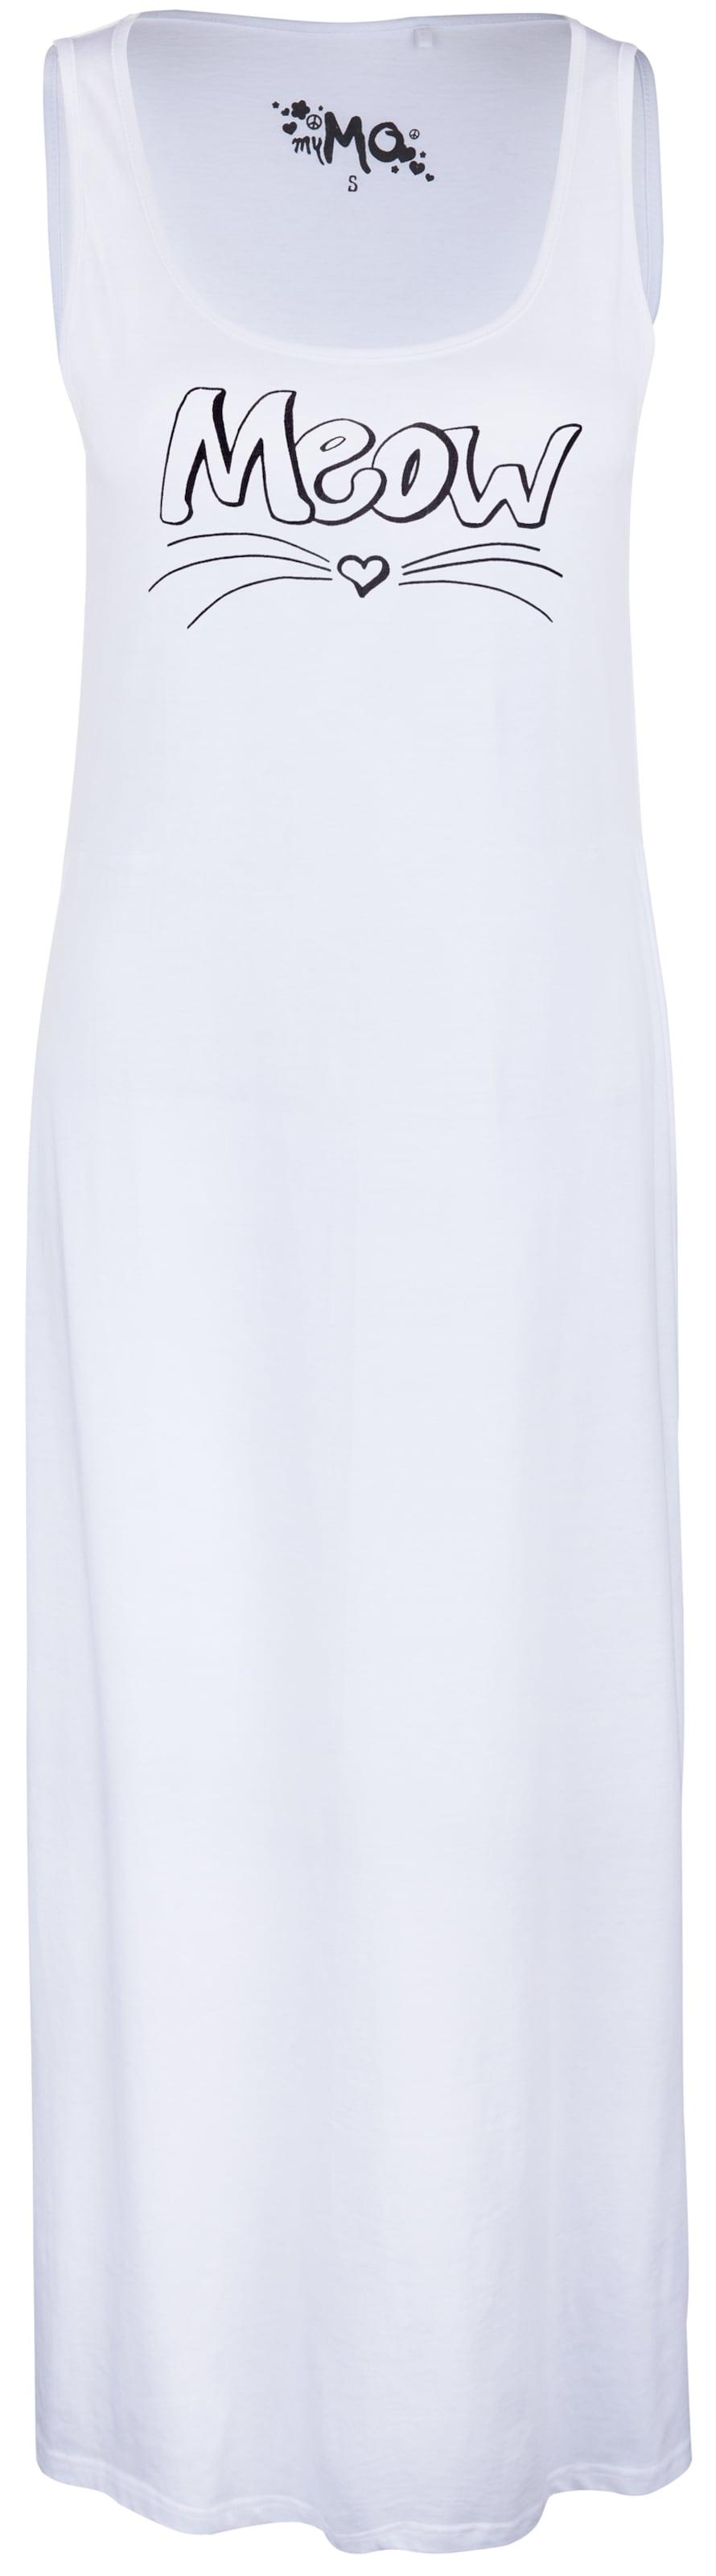 Robe En Mymo D'été Mymo Blanc Robe 0nwP8OkX